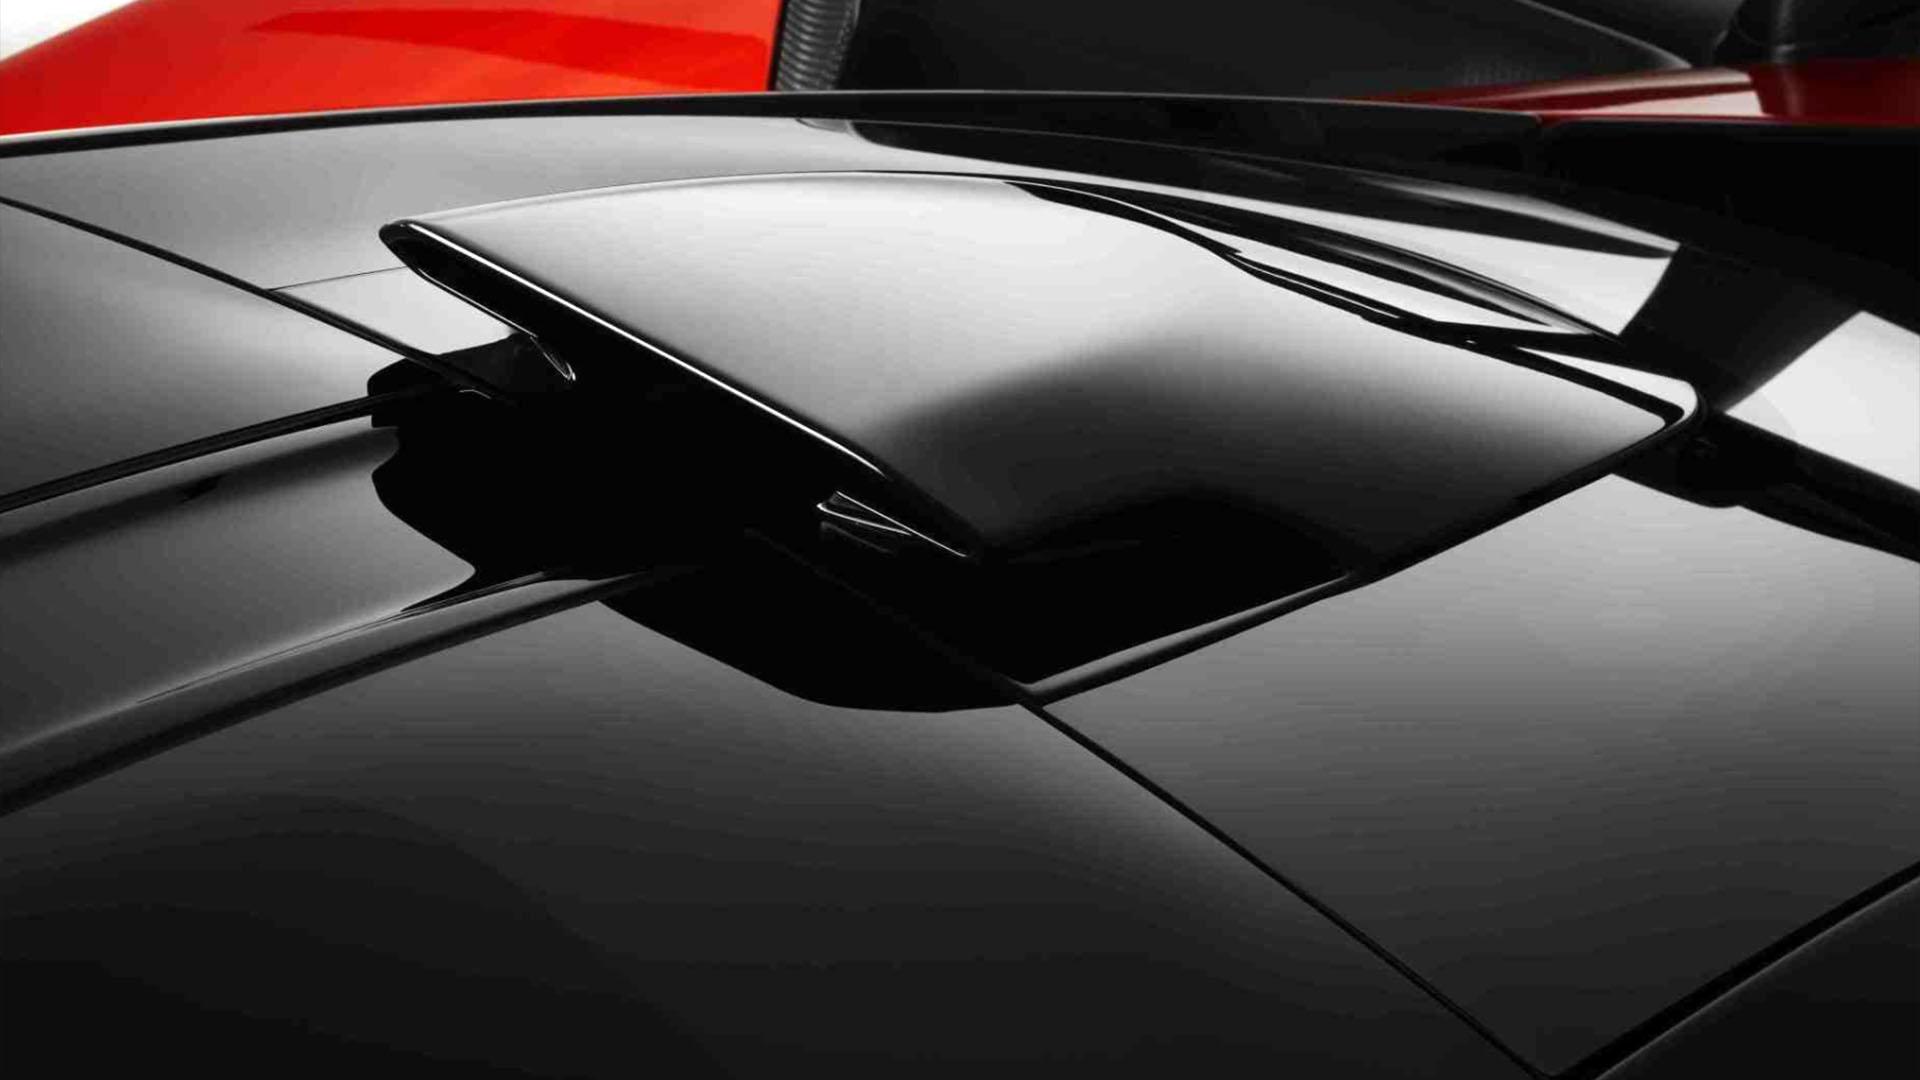 La toma de aire sobre el techo para la admisión del motor es otro de los recursos utilizados para potenciar el rendimiento del McLaren Senna. Todo tiene un propósito de performance deportiva